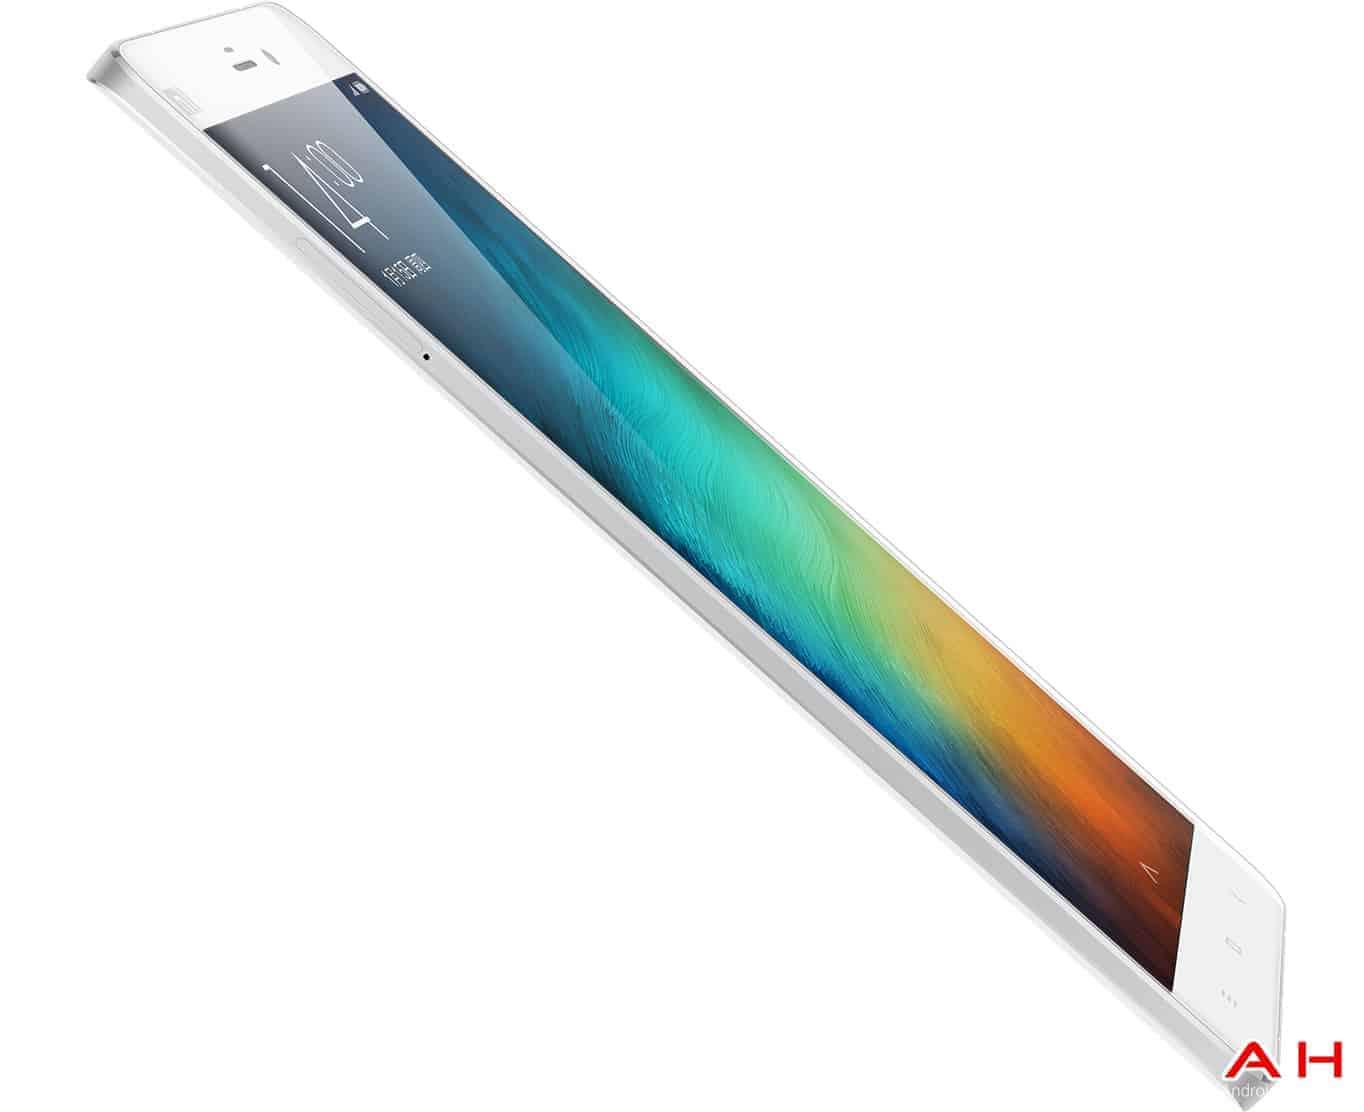 AH Xiaomi Note Press Images 32